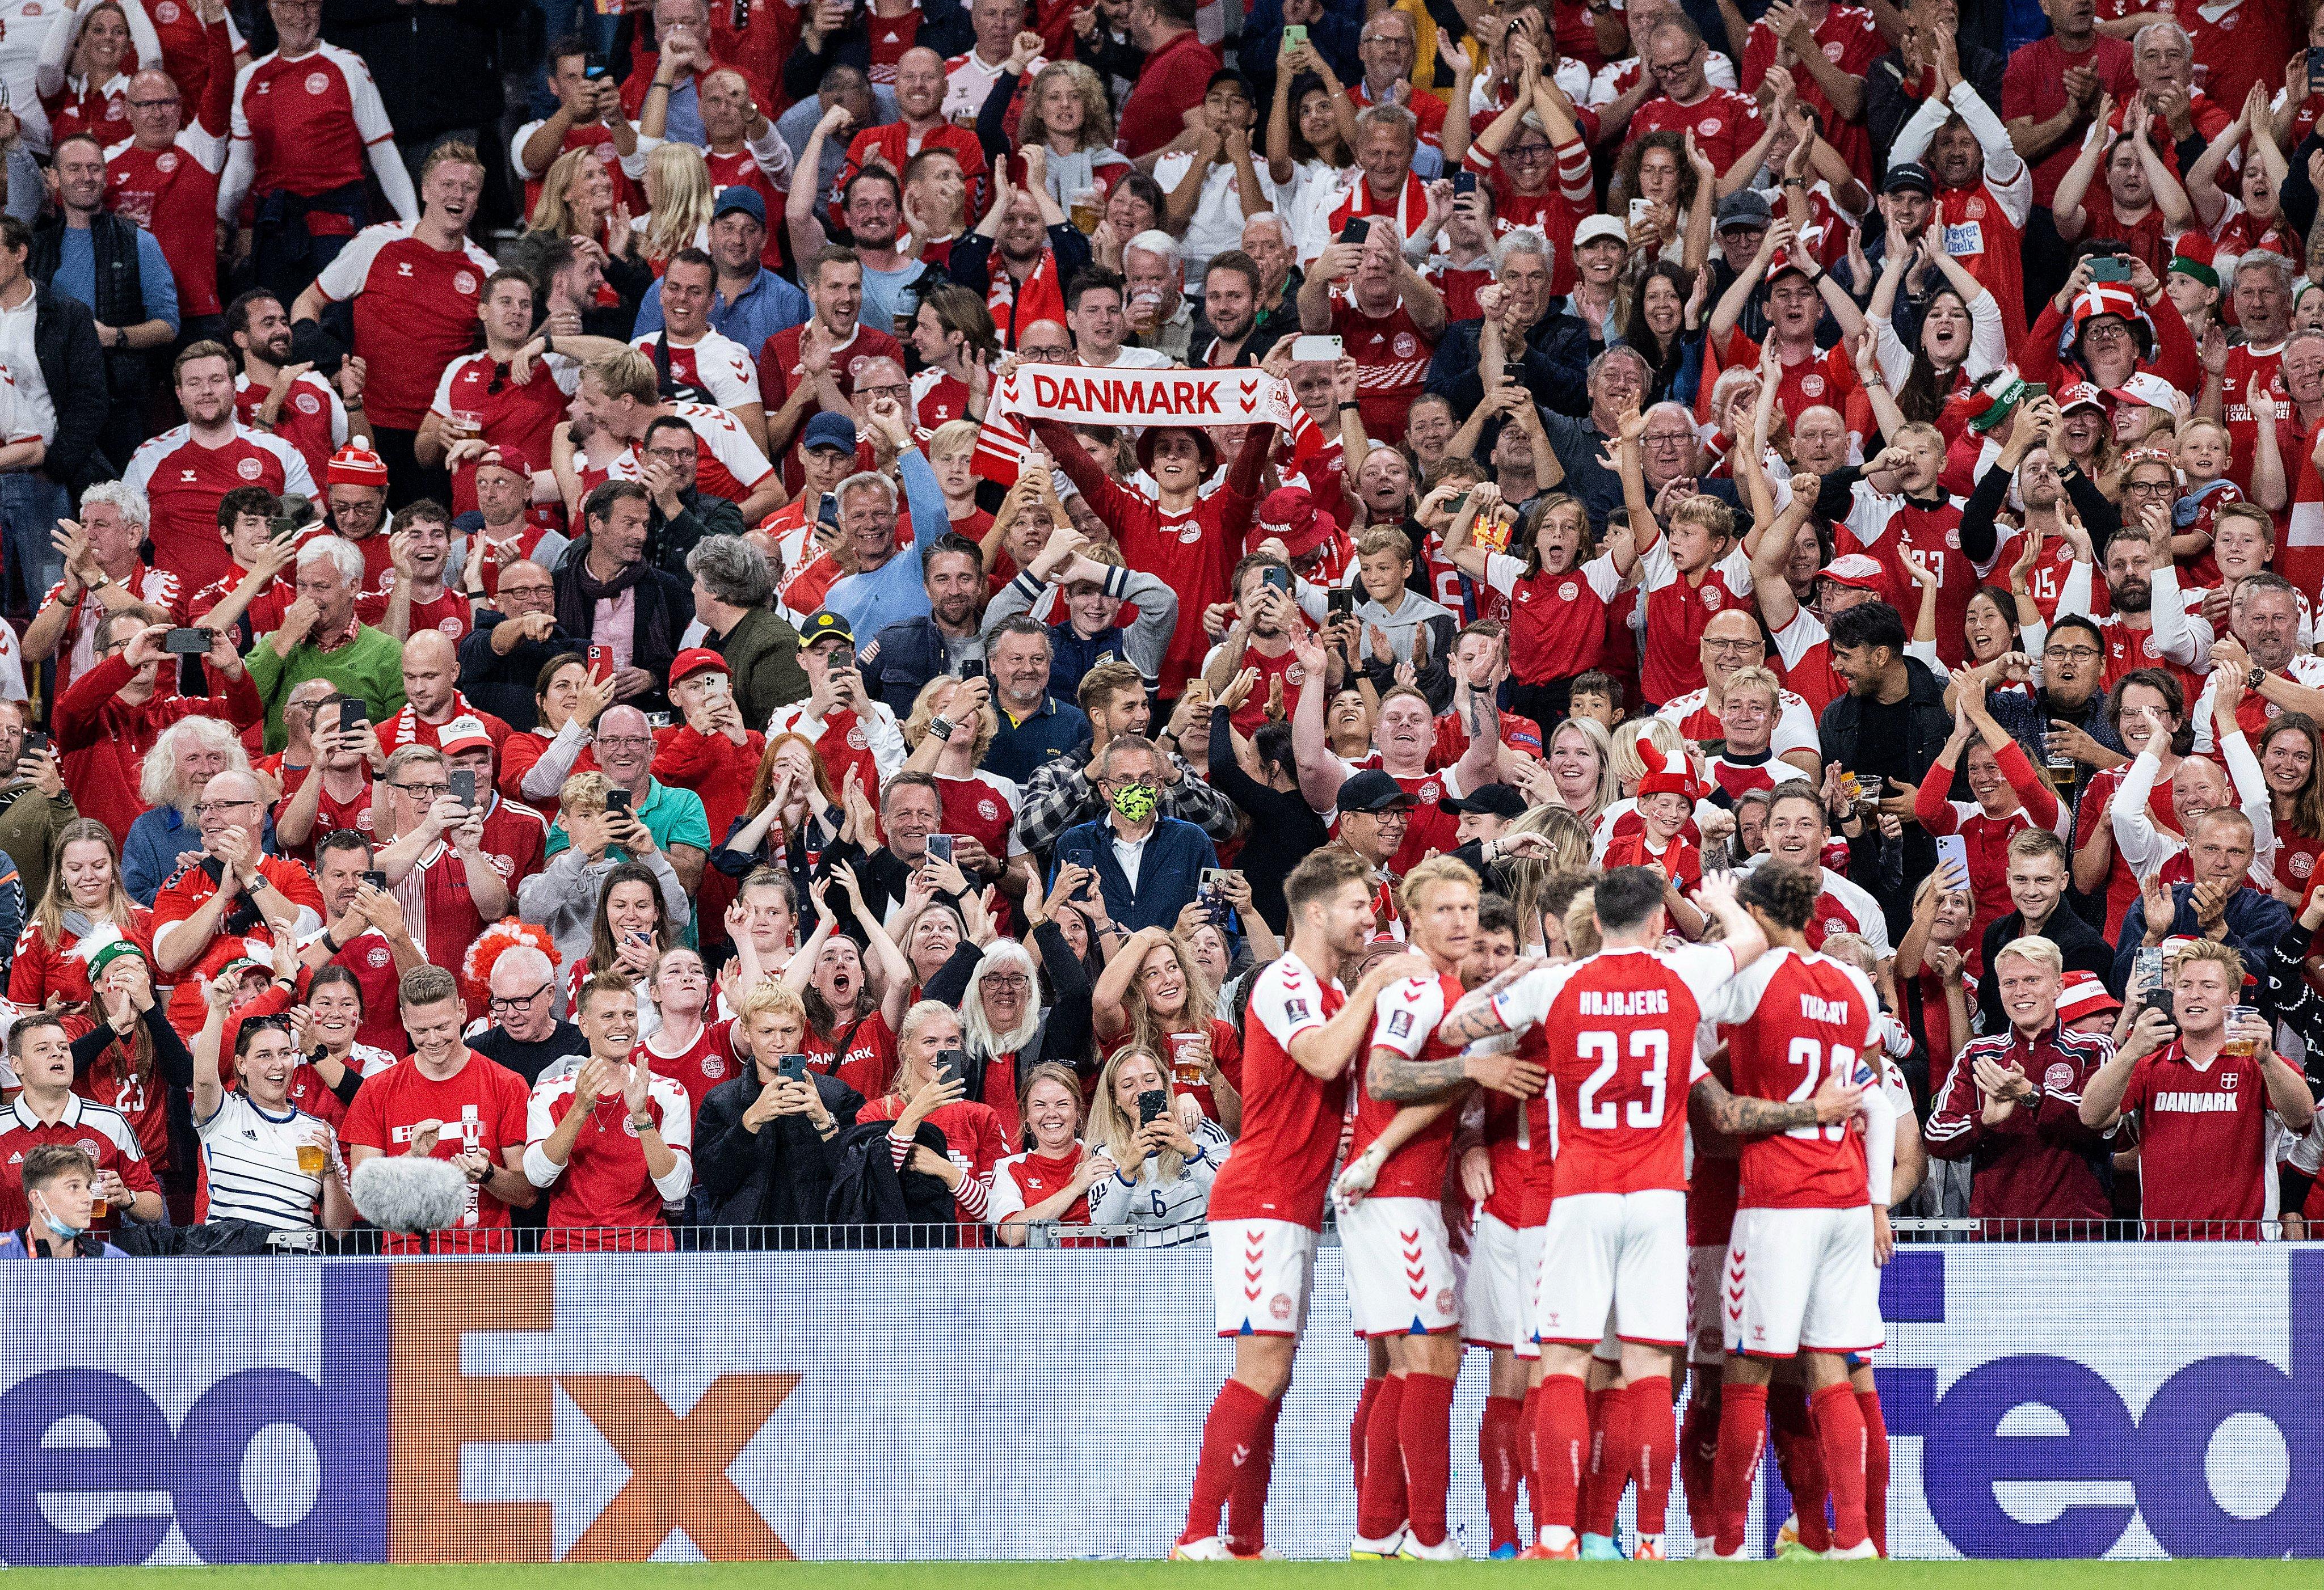 Отбор к ЧМ. Дания - все остальные– 26:0, Мактоминей принёс Шотландии важнейшие 3 очка - изображение 1